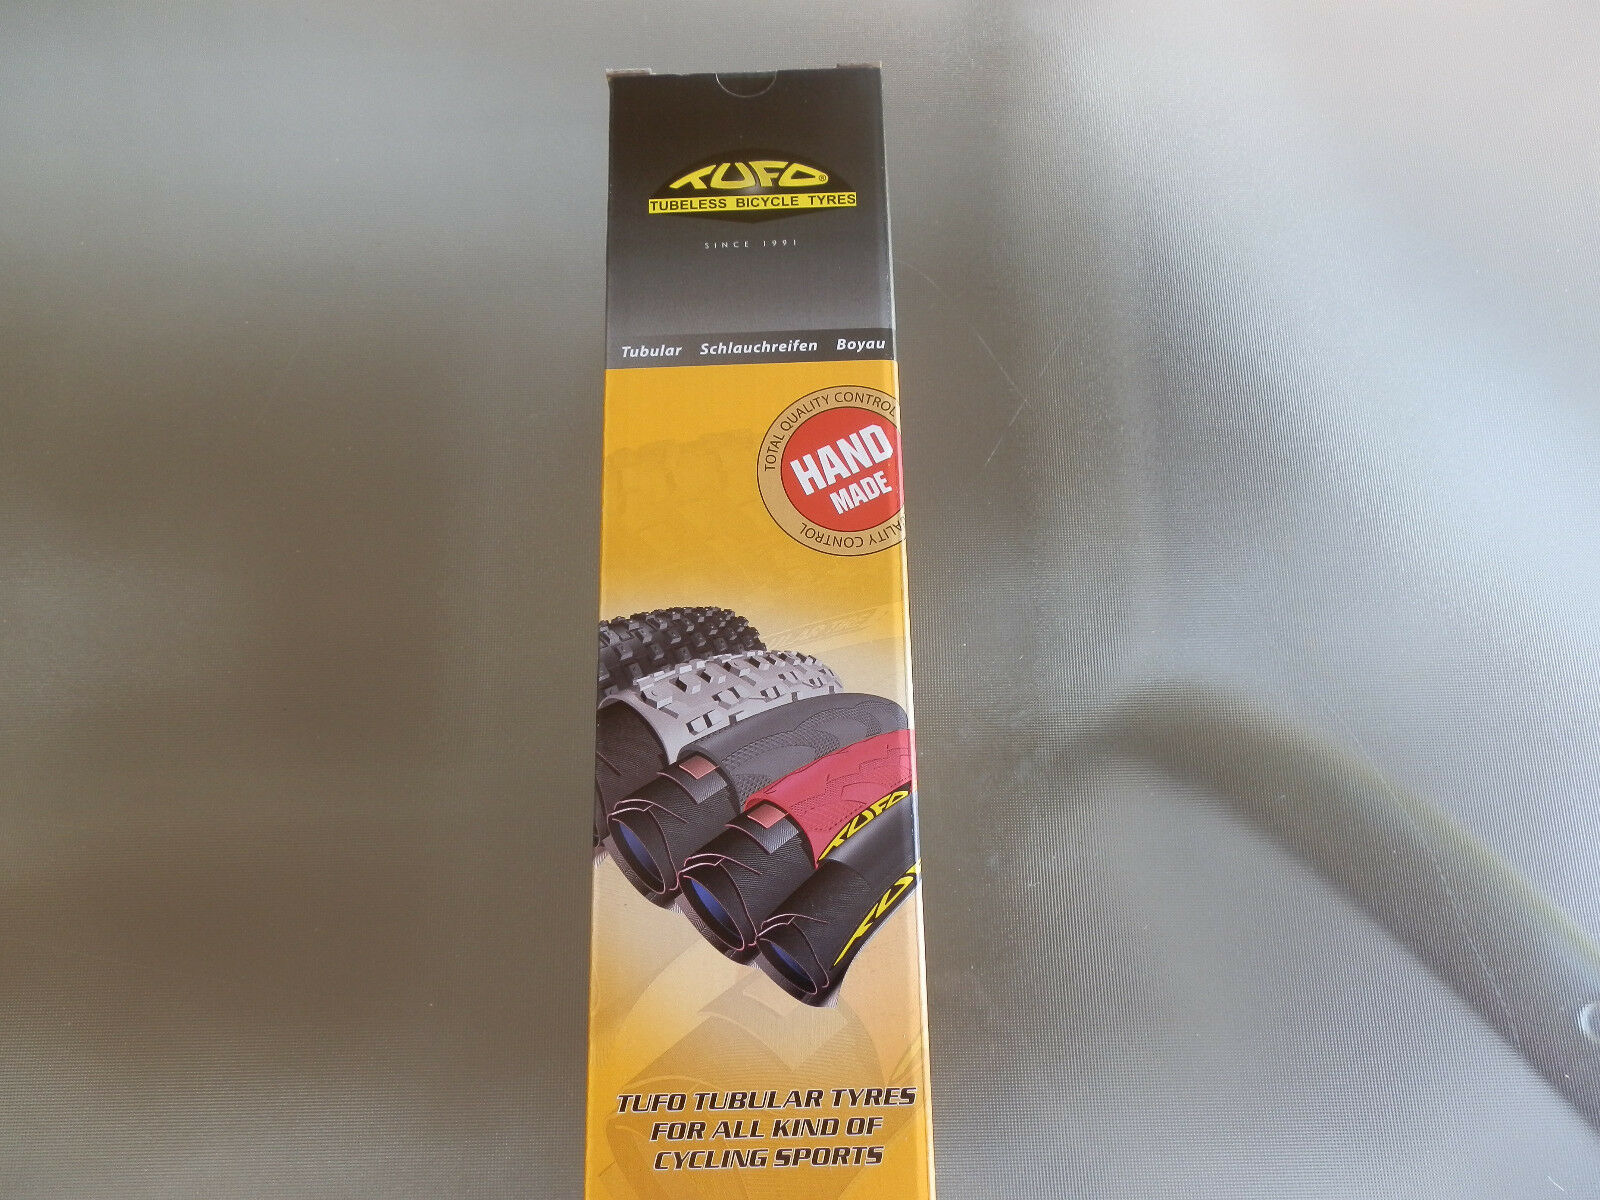 Tufo Elite Ride tubular 700 x 25 all black NEW 2019 2 tires WHITE TUFO LABEL